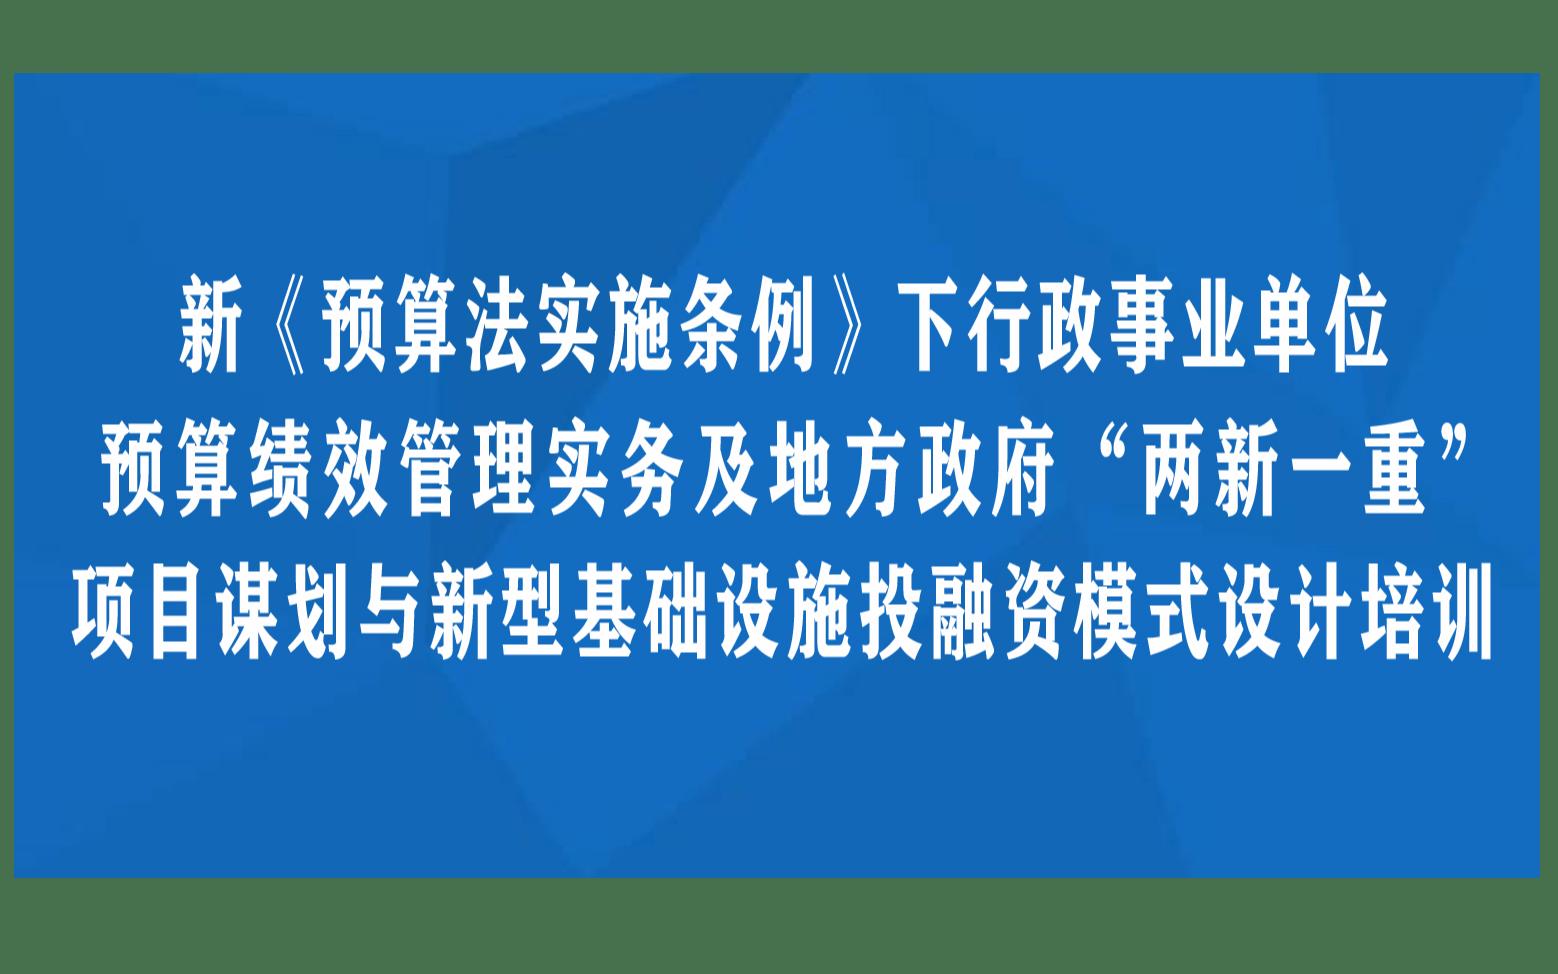 """新《预算法实施条例》下行政事业单位预算绩效管理实务及地方政府""""两新一重""""项目谋划与新型基础设施投融资模式设计南京12月培训"""